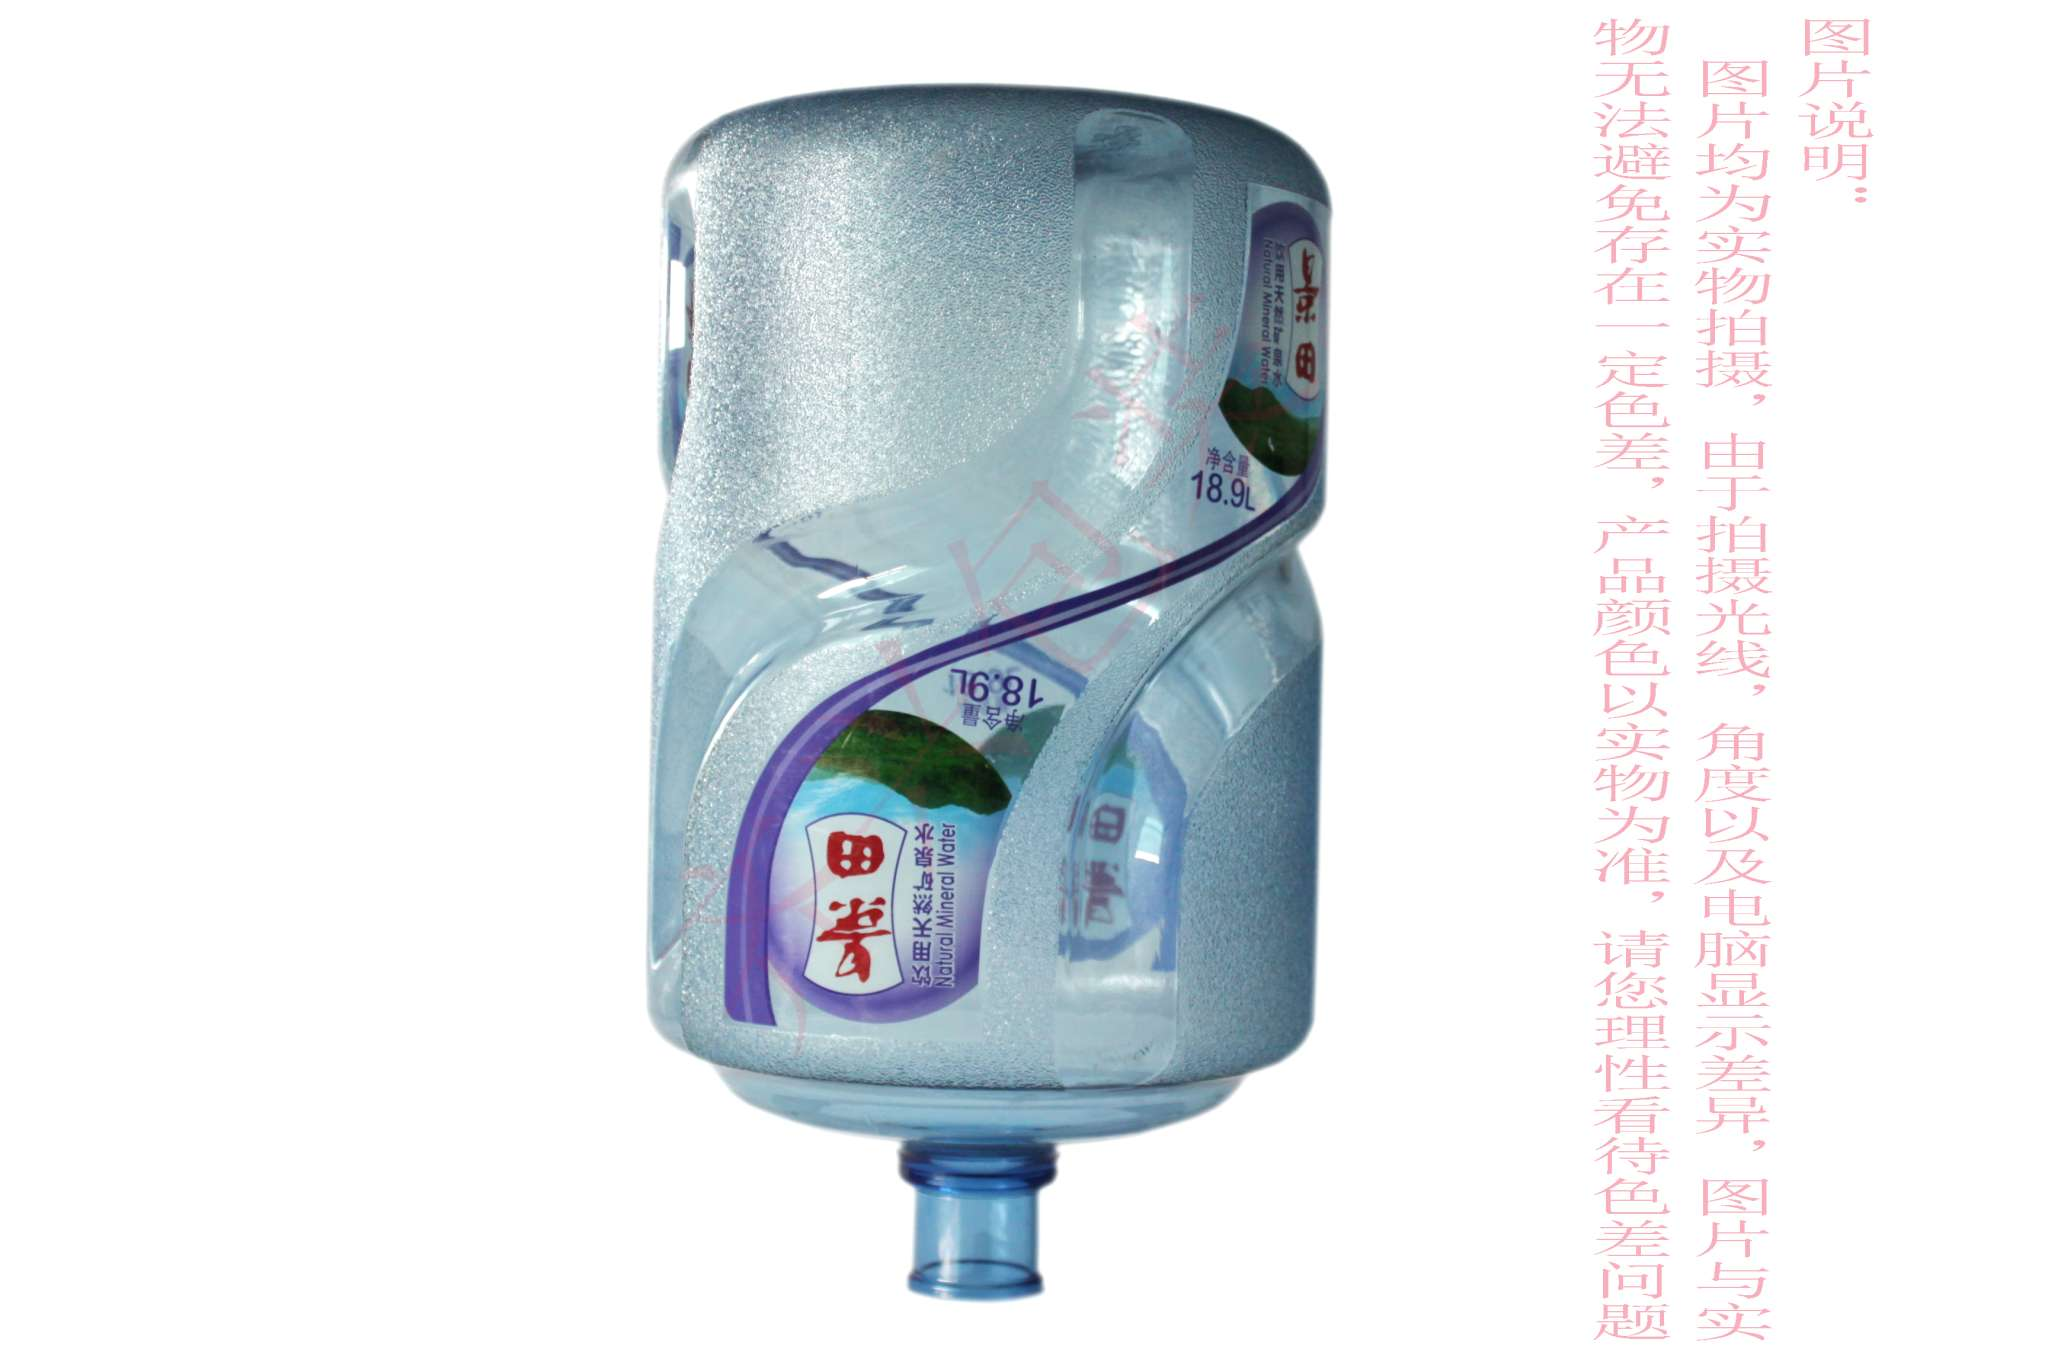 水桶标签 8 - 佛山市齐兴包装材料有限公司